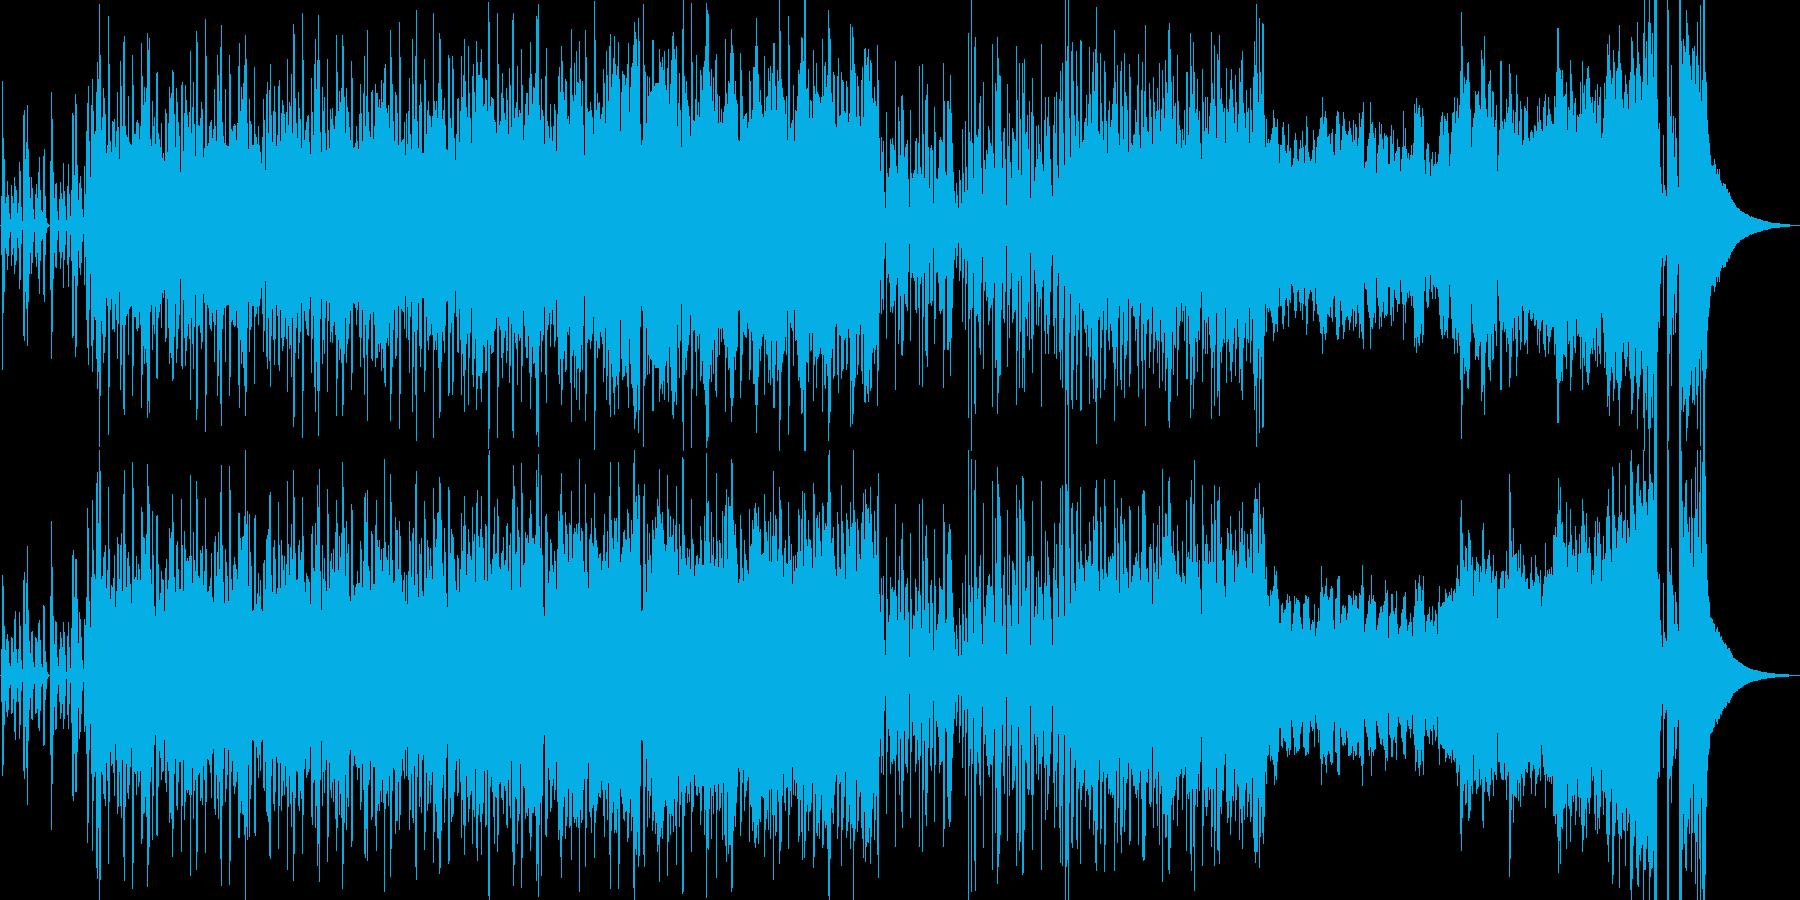 大河時代劇BGM和風オーケストラの再生済みの波形